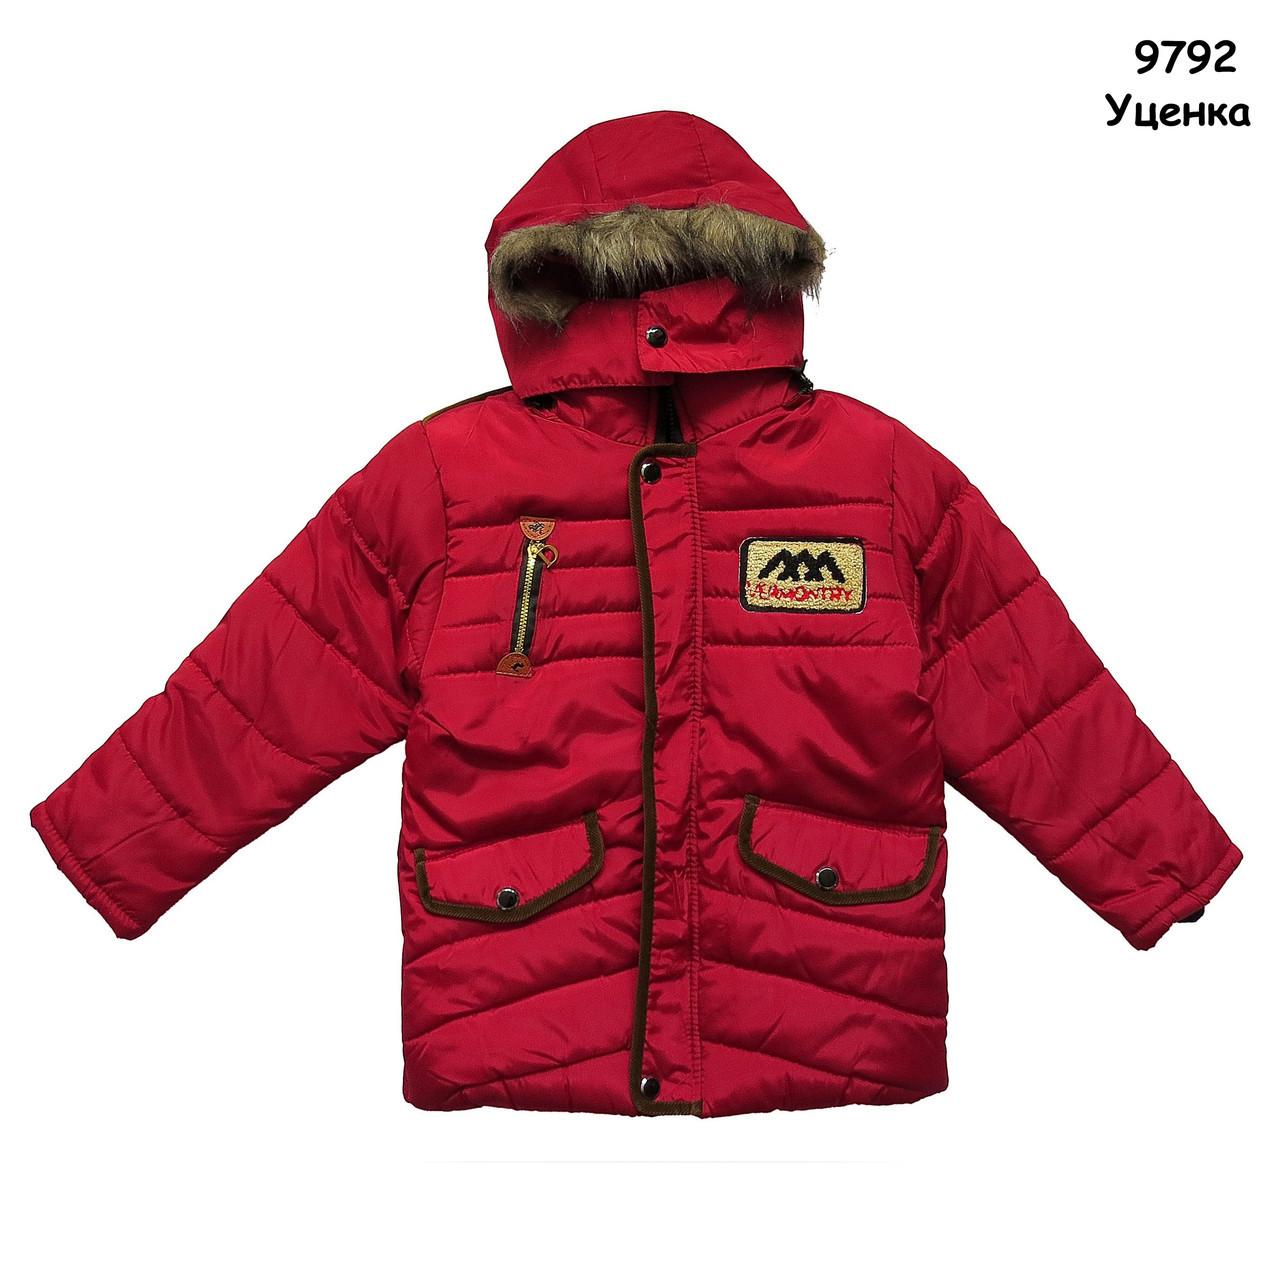 Теплая куртка для мальчика. 110 см